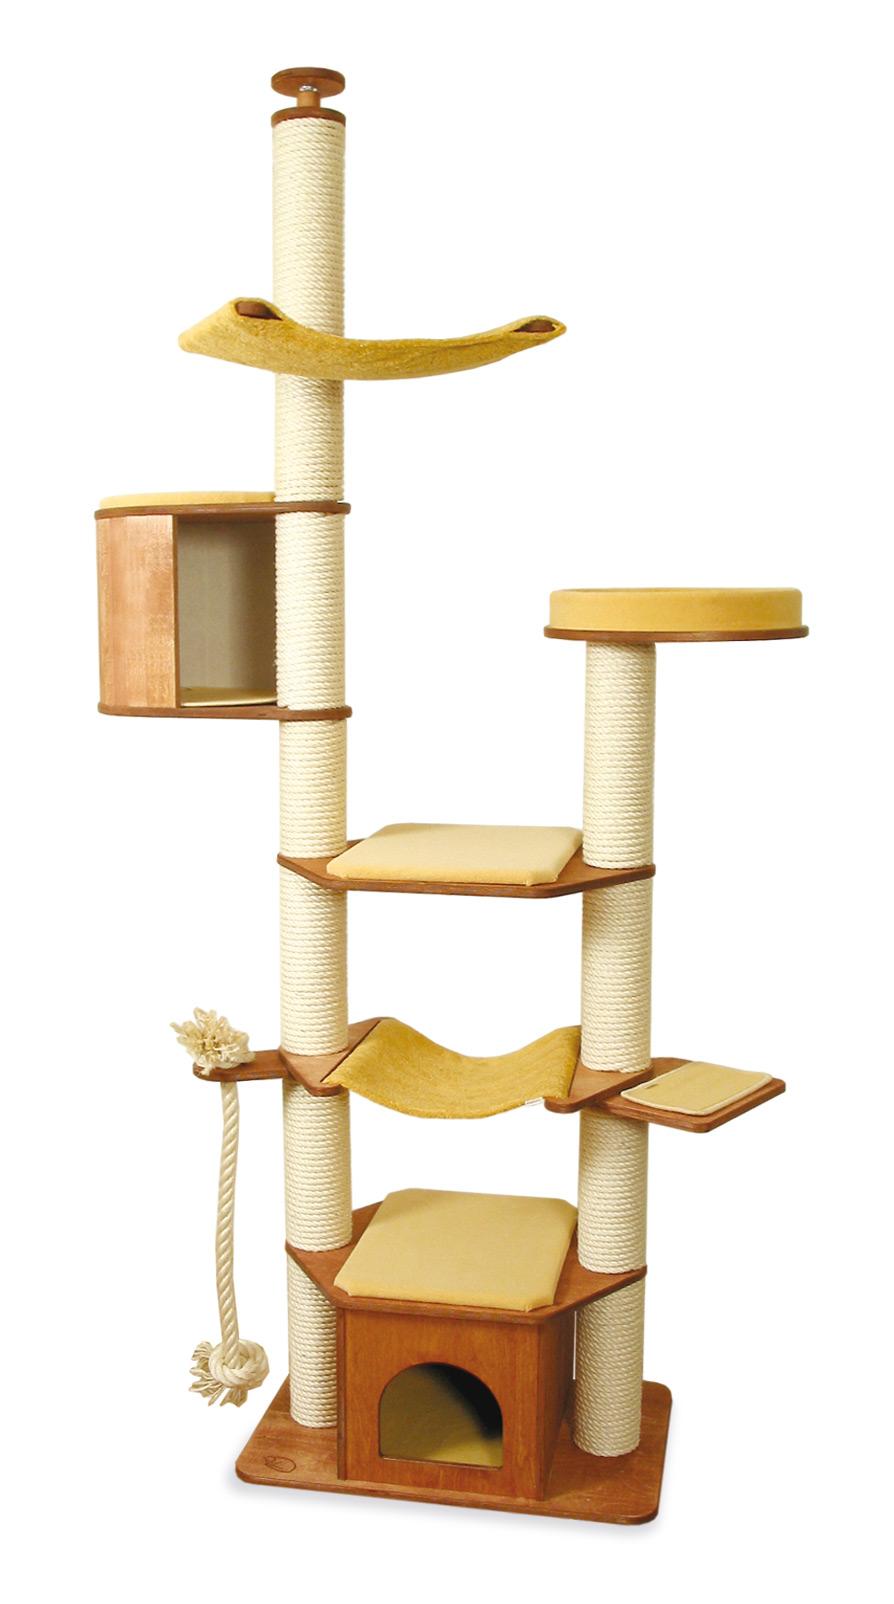 xxl kratzbaum deckenhoch f r gro e katzen profeline cat supplies. Black Bedroom Furniture Sets. Home Design Ideas